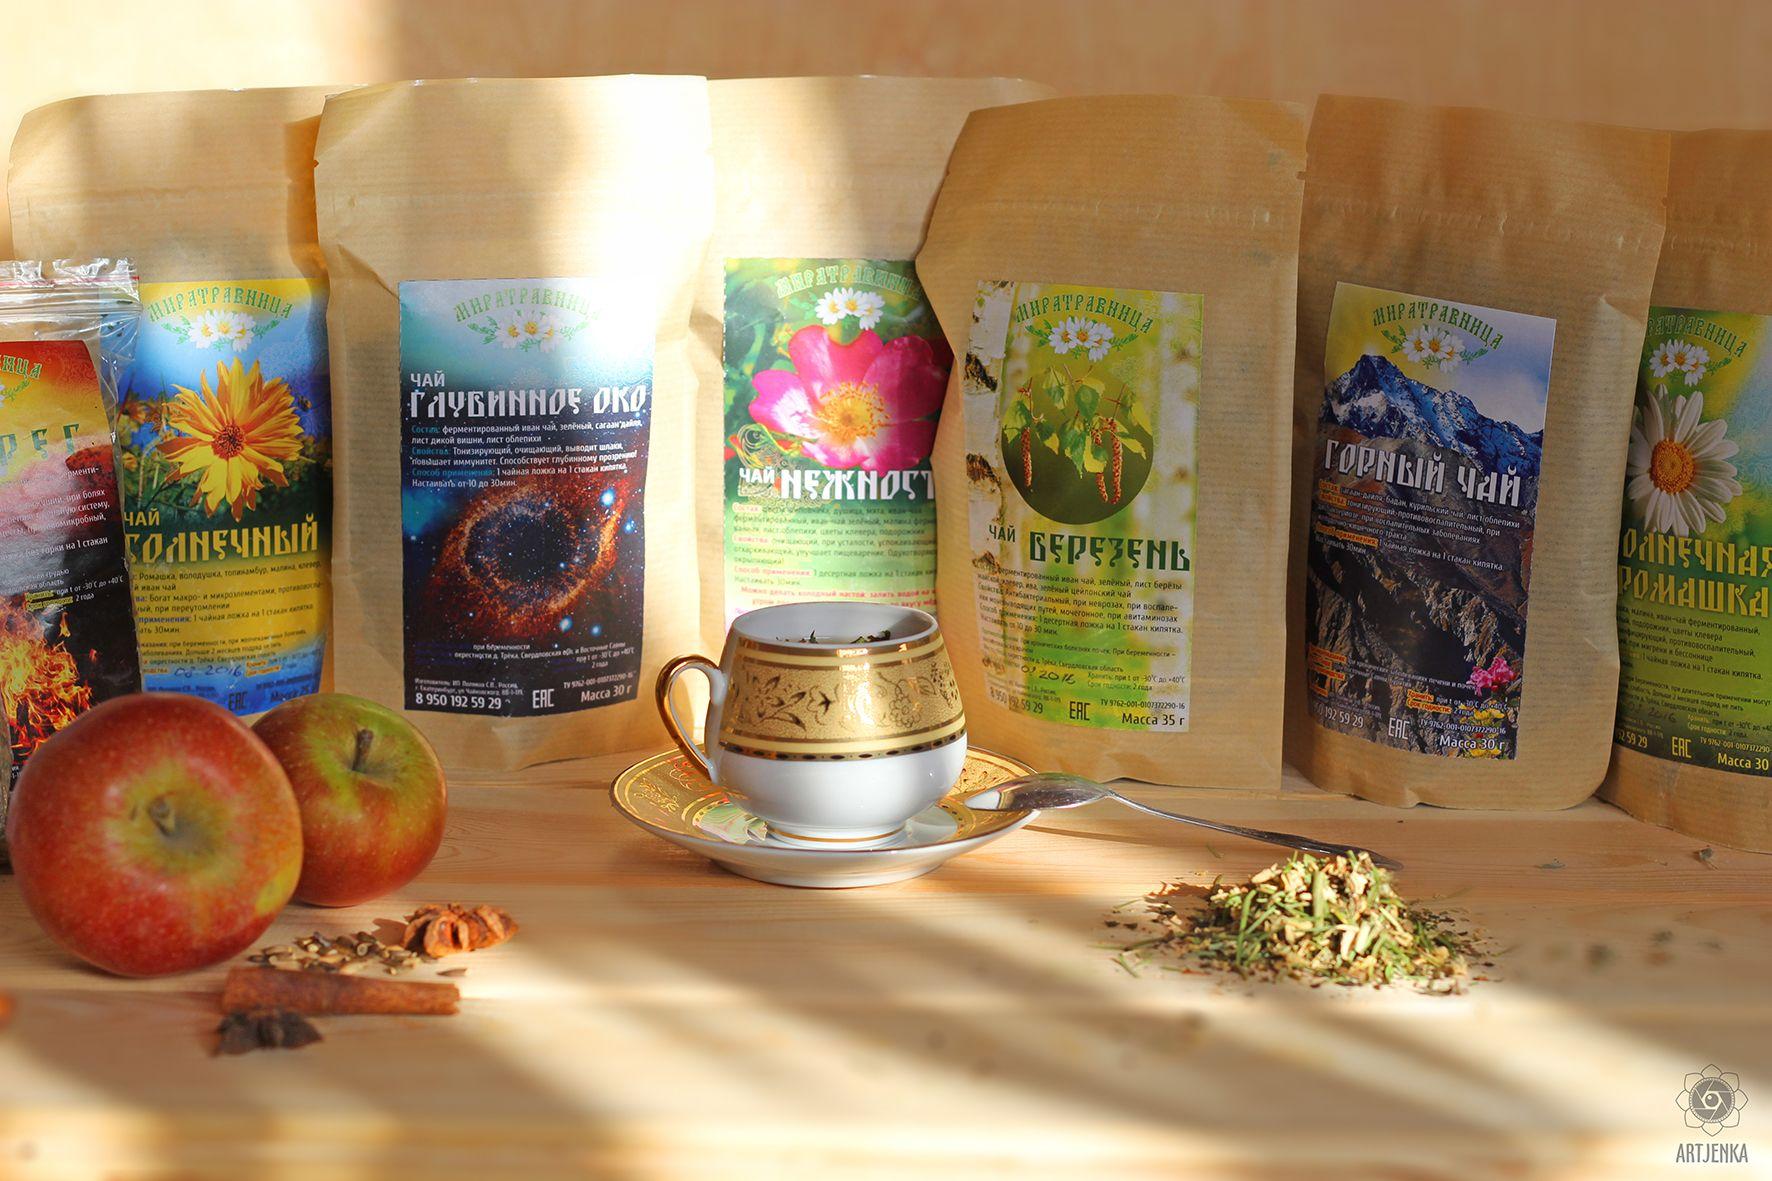 Эко-чай Миратравница, пример дизайна упаковок